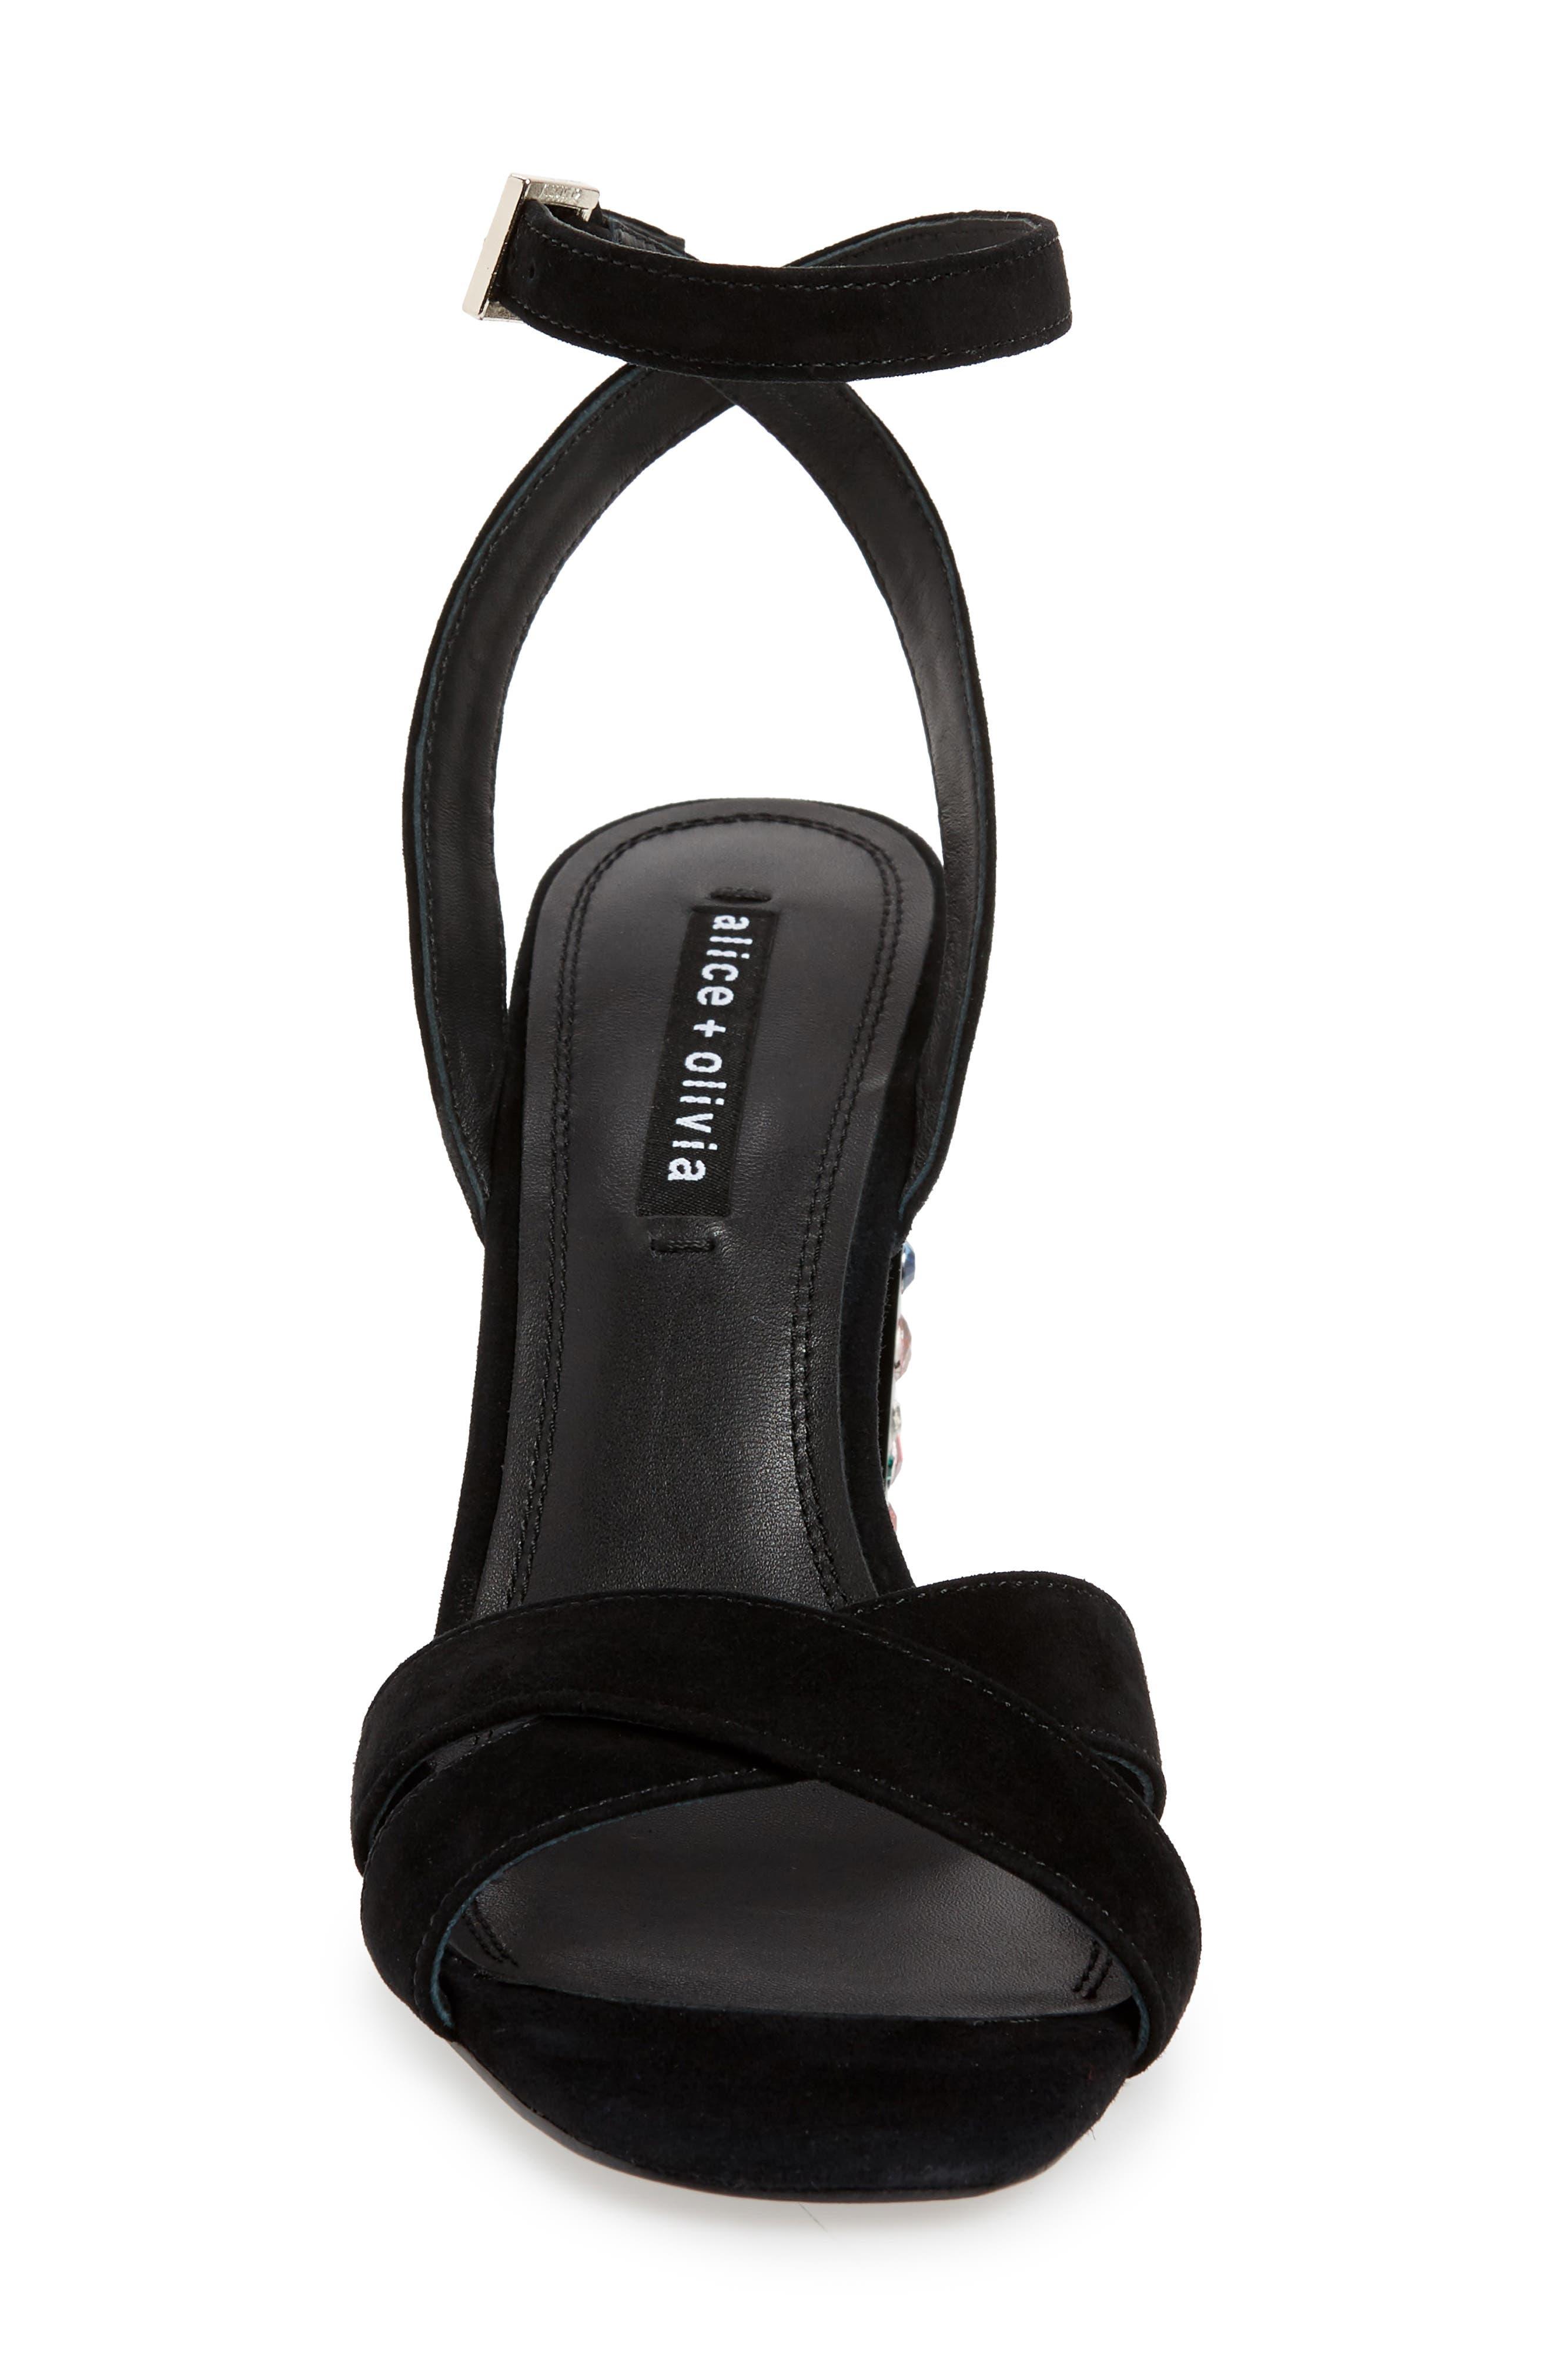 ALICE + OLIVIA, Renia Crystal Heel Sandal, Alternate thumbnail 4, color, BLACK